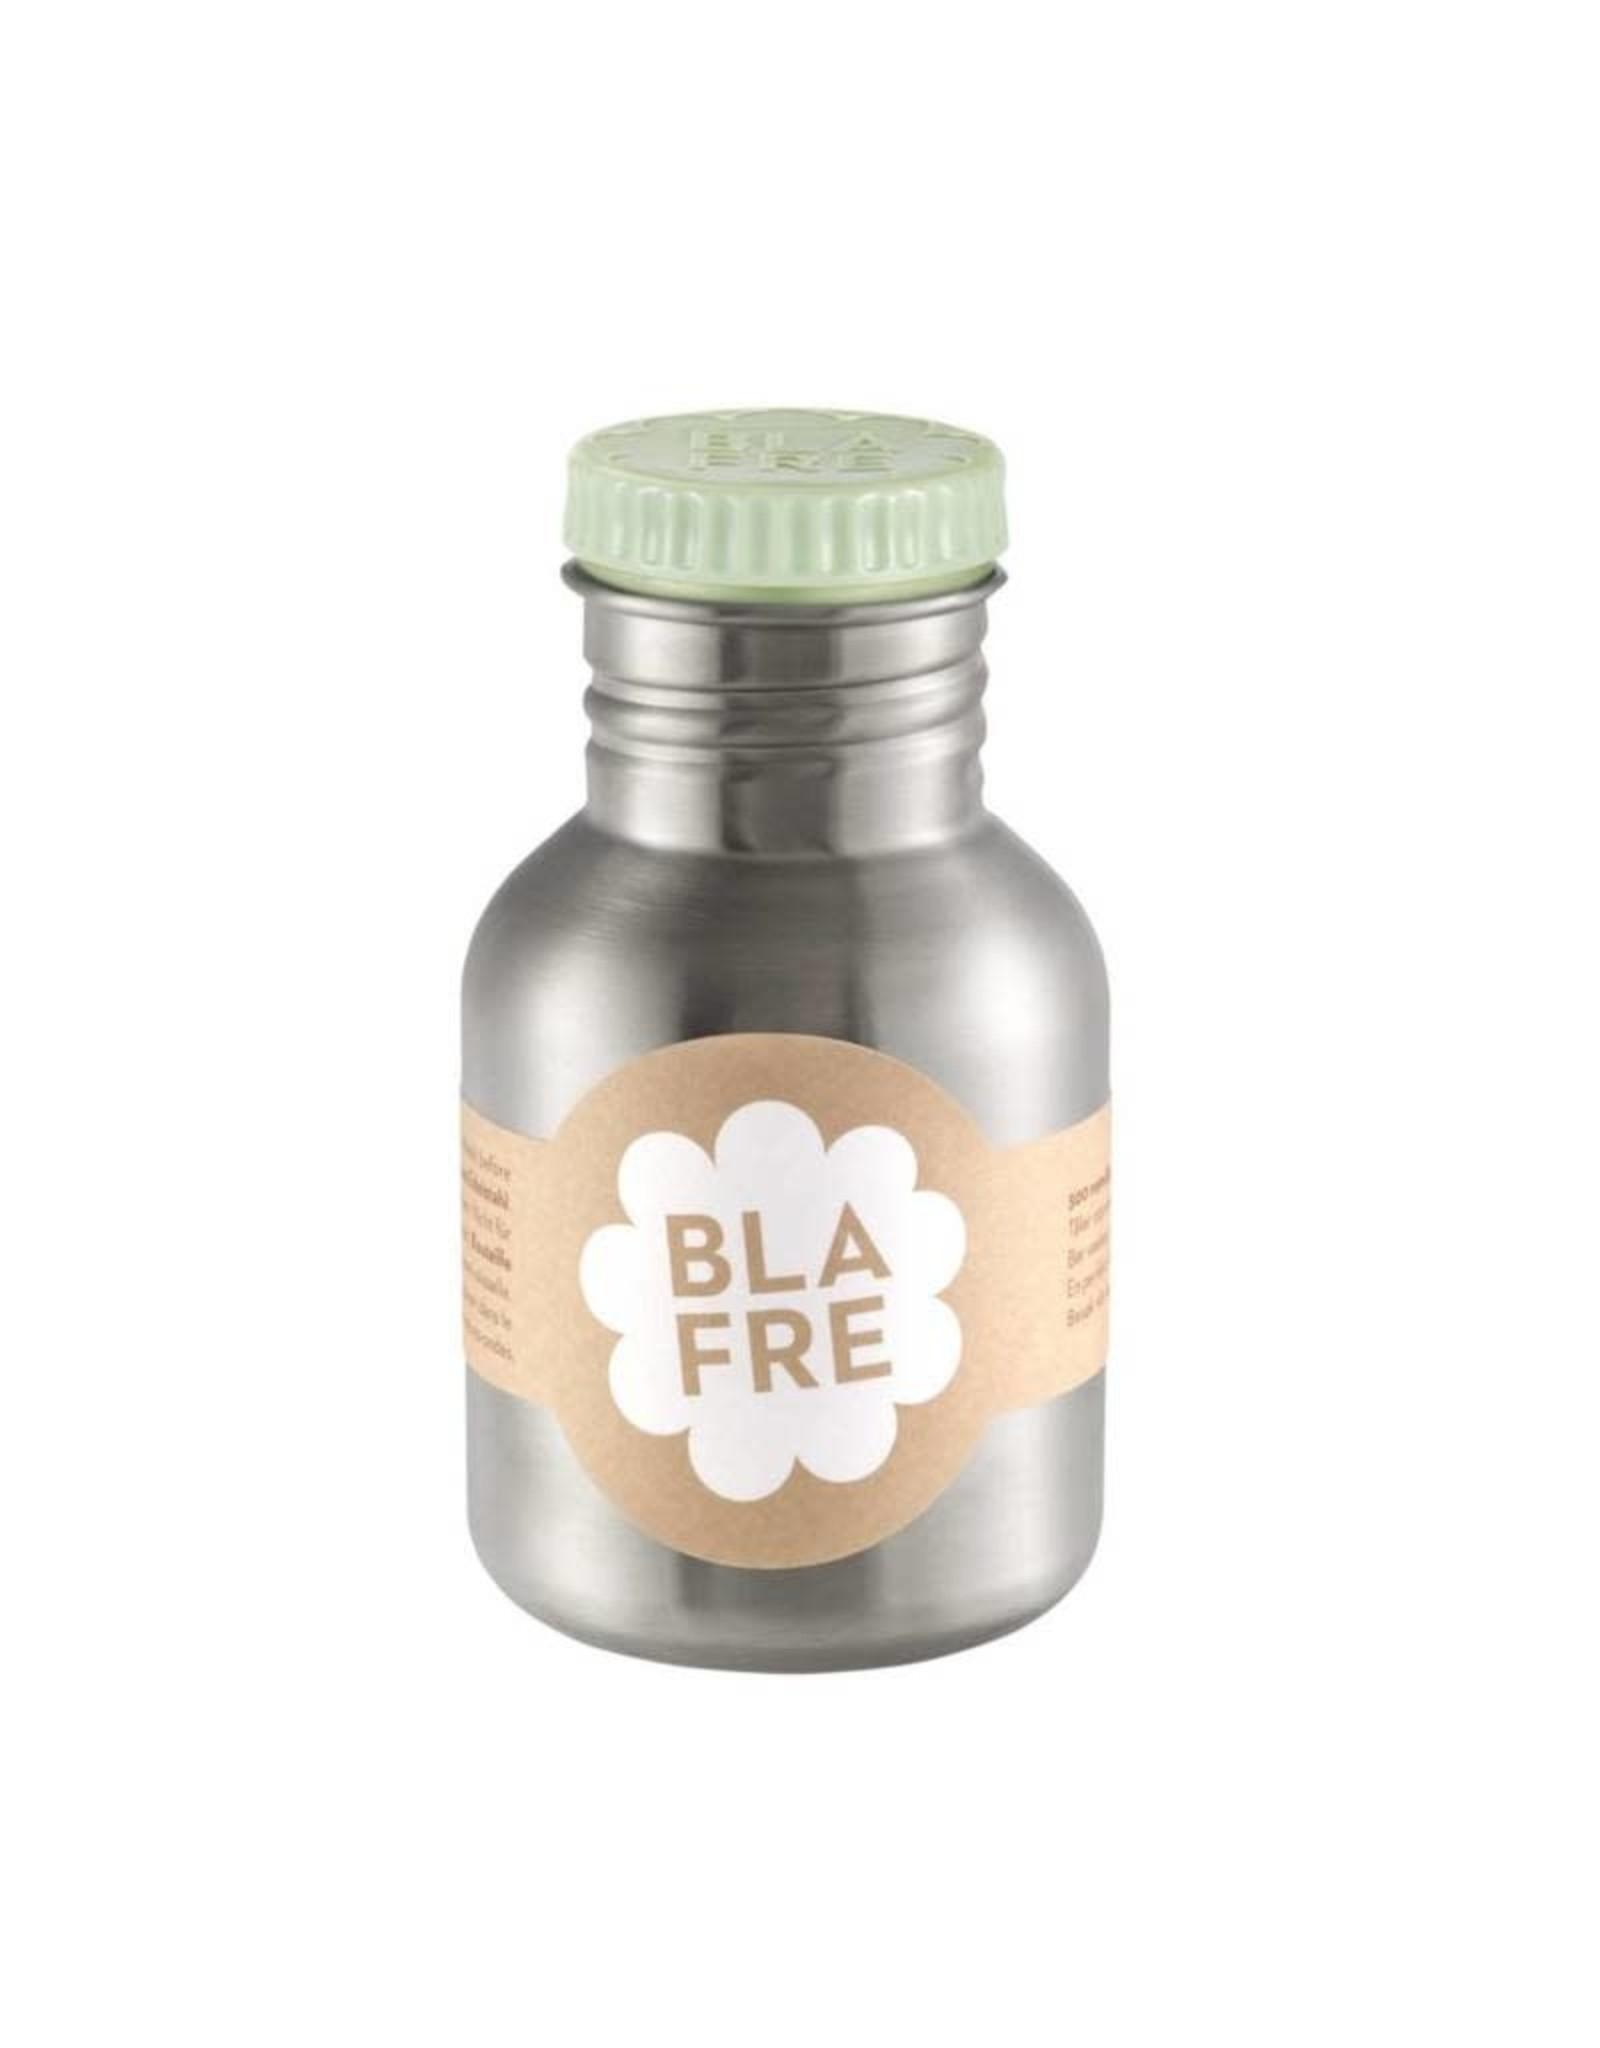 Blafre RVS drinkbeker sea green 300 ml